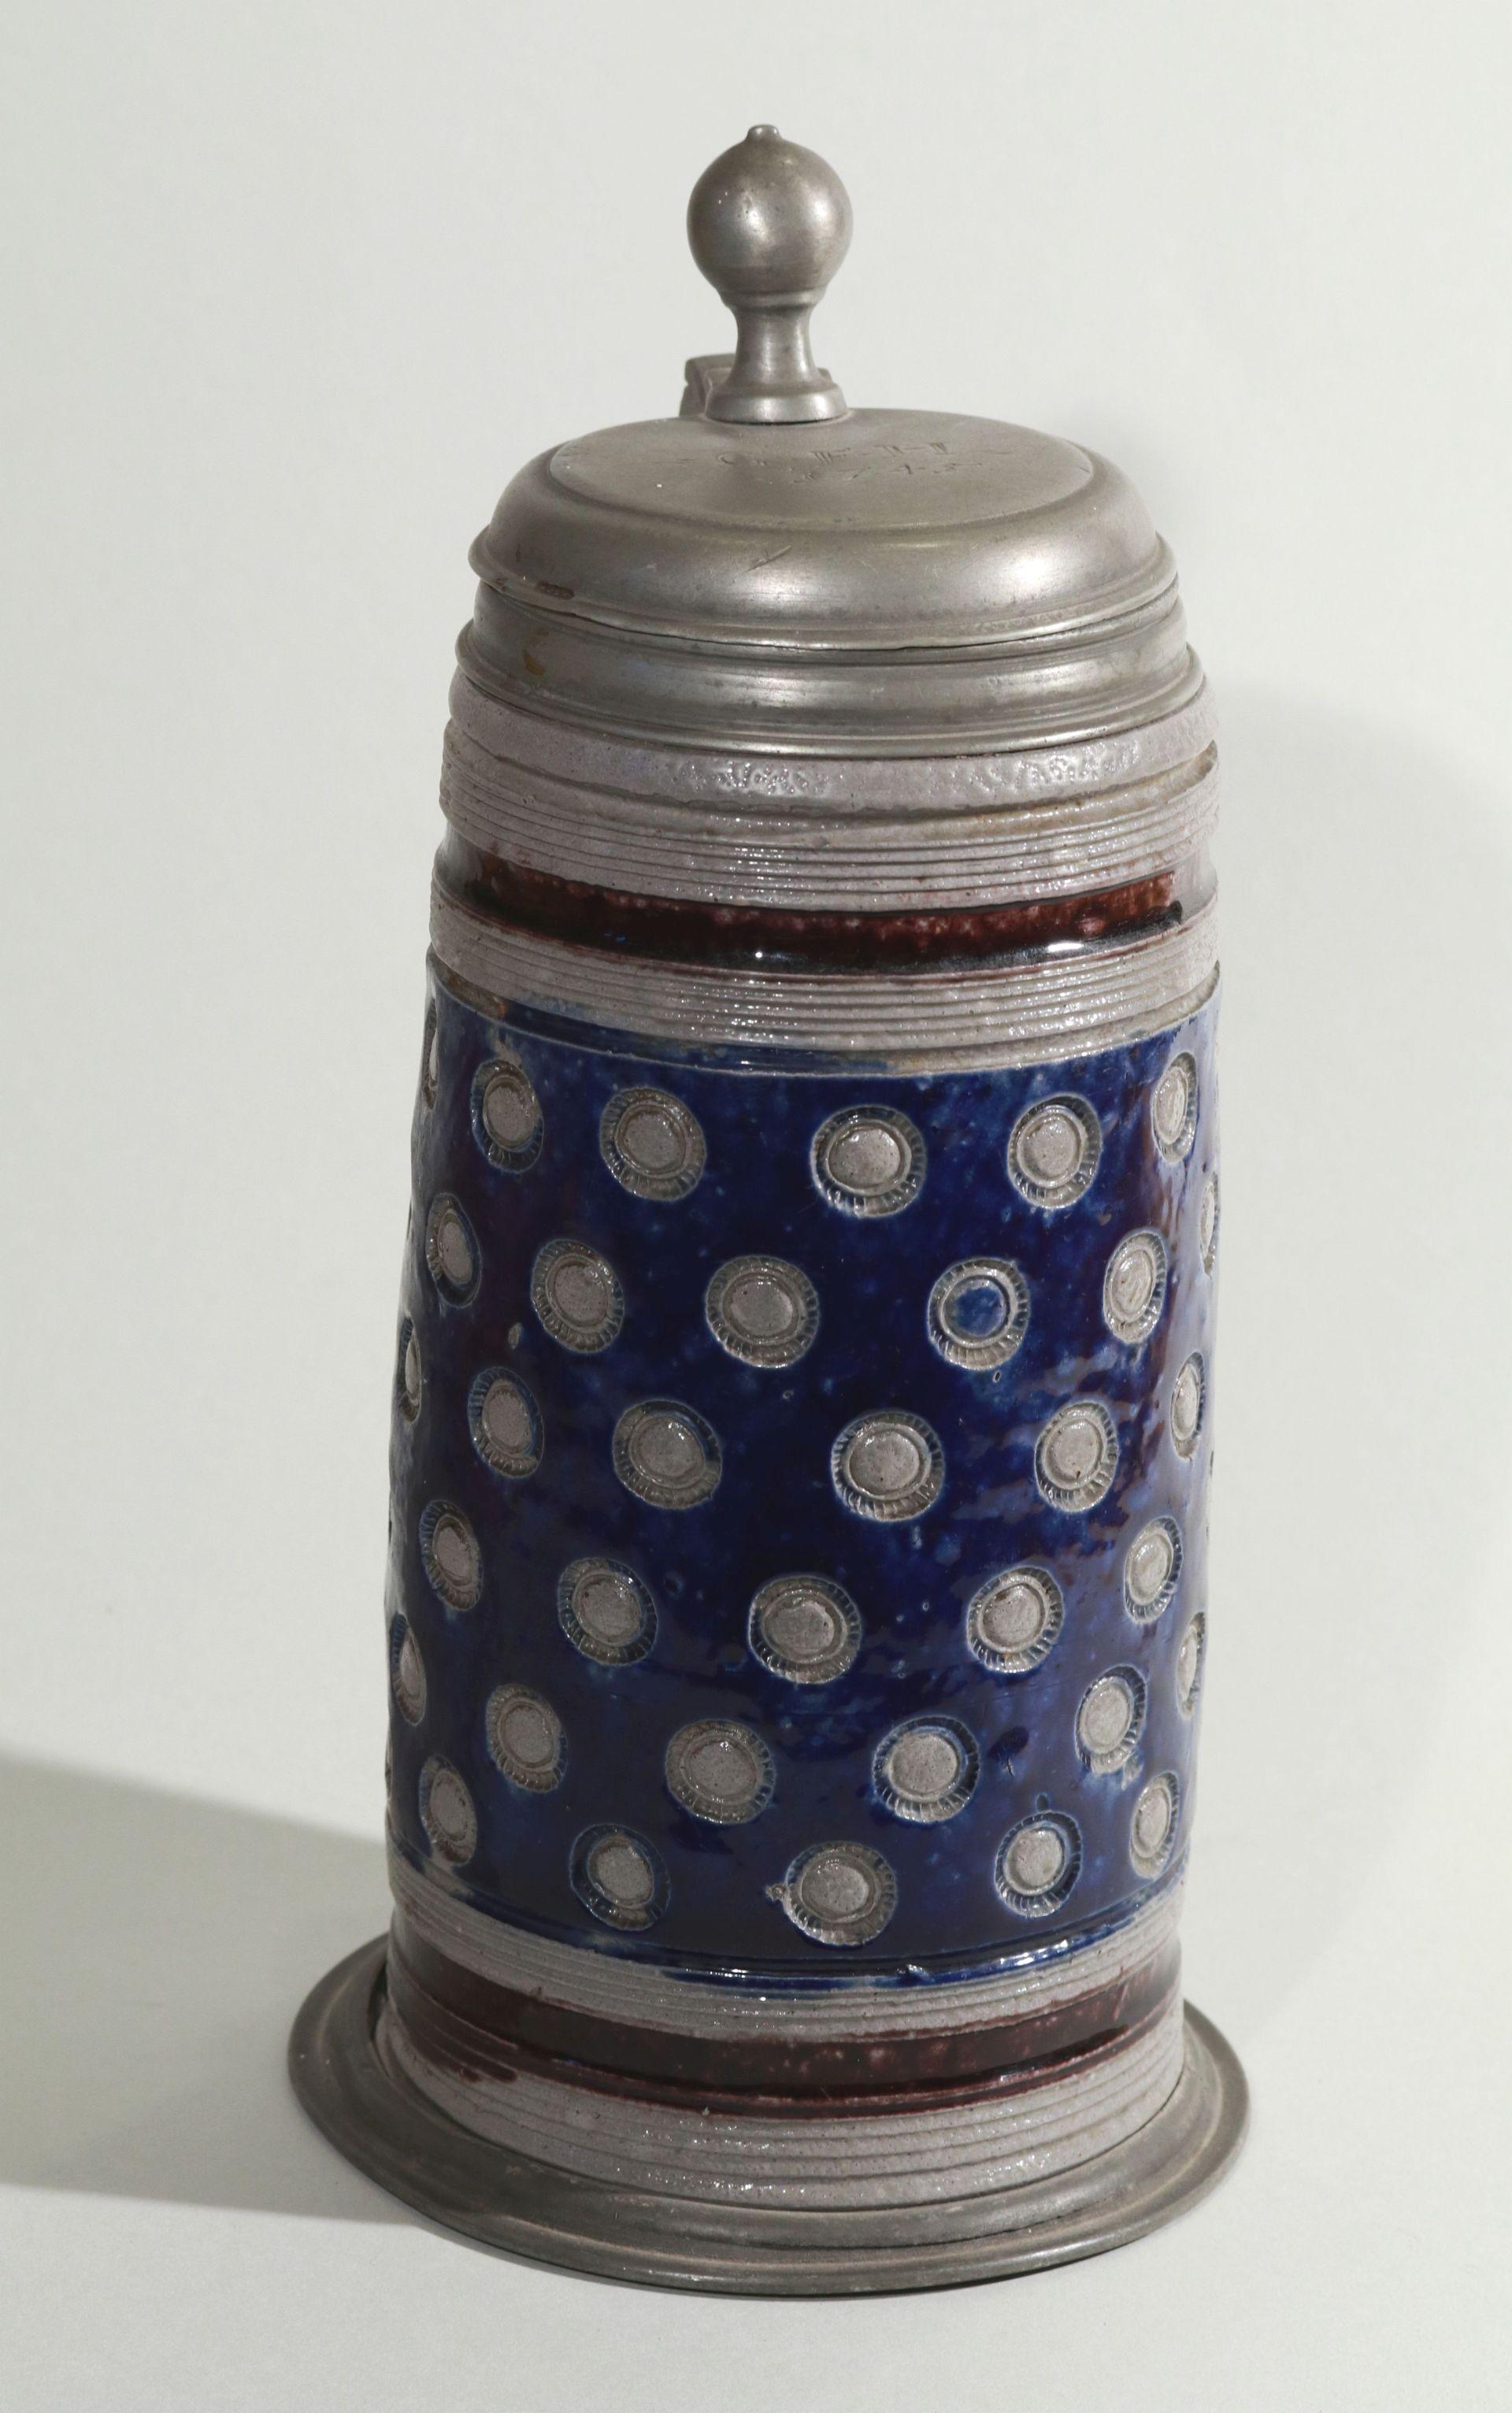 muskau-steinzeug-walzenkrug-stempel dekor-1745- blue and manganese salt glazed stoneware-tankard